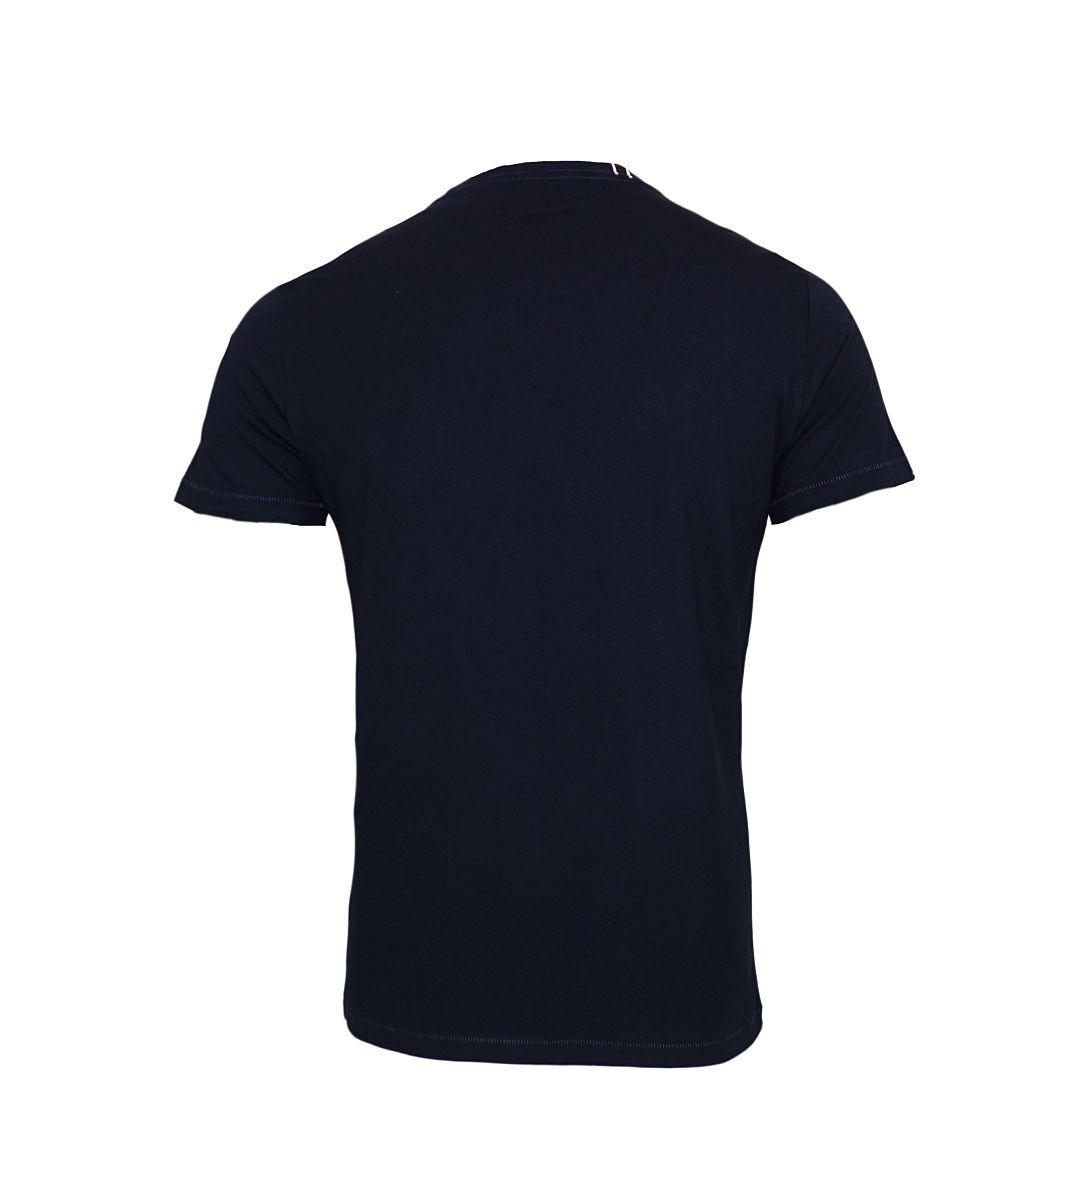 Replay T-Shirt Shirt Rundhals M3361 000 2660 576 W18-RYT1